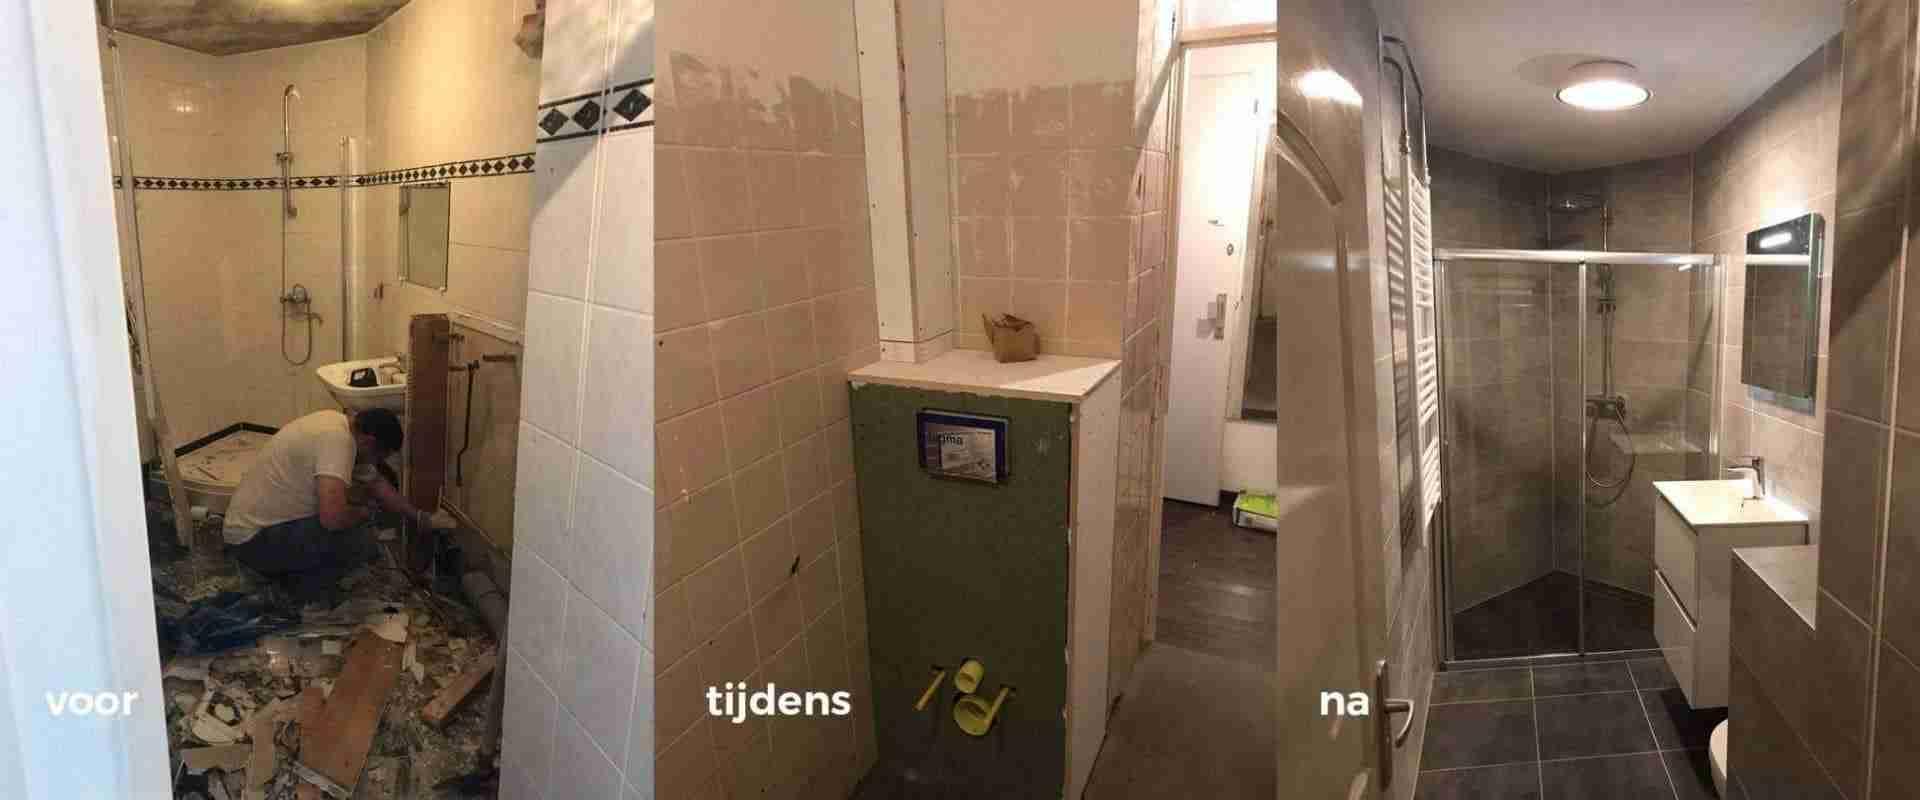 Voor Tijdens Na de Badkamerverbouwing | Installatie Service Amsterdam